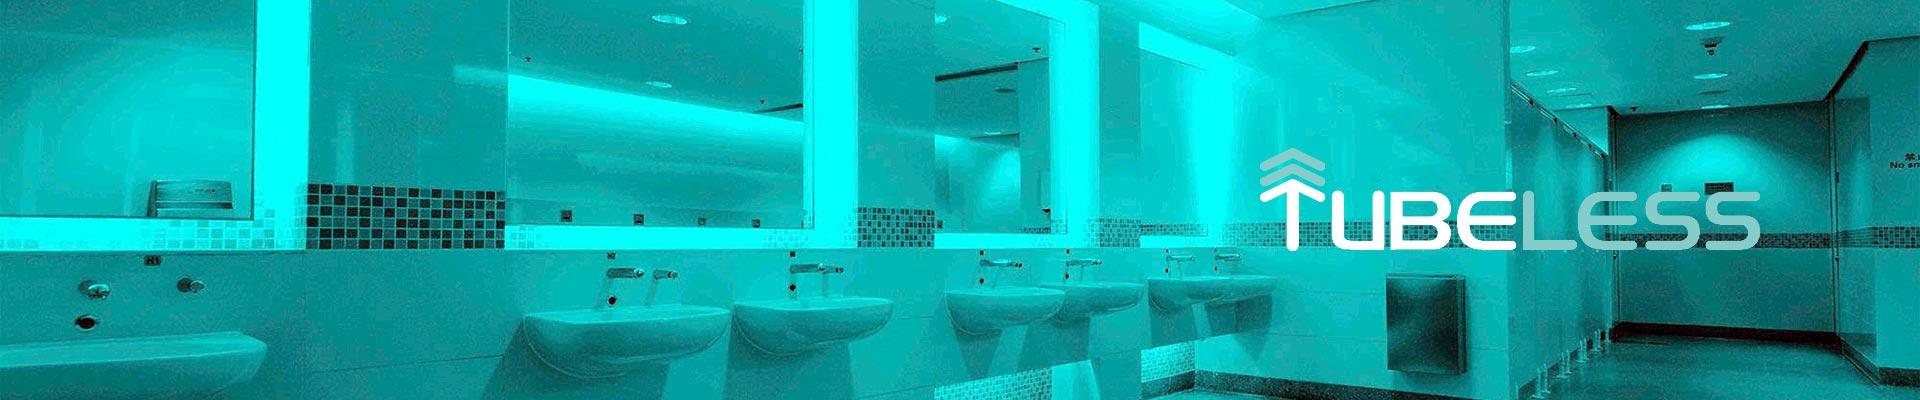 Tubeless - savremeni proizvodi za higijenu kupatila